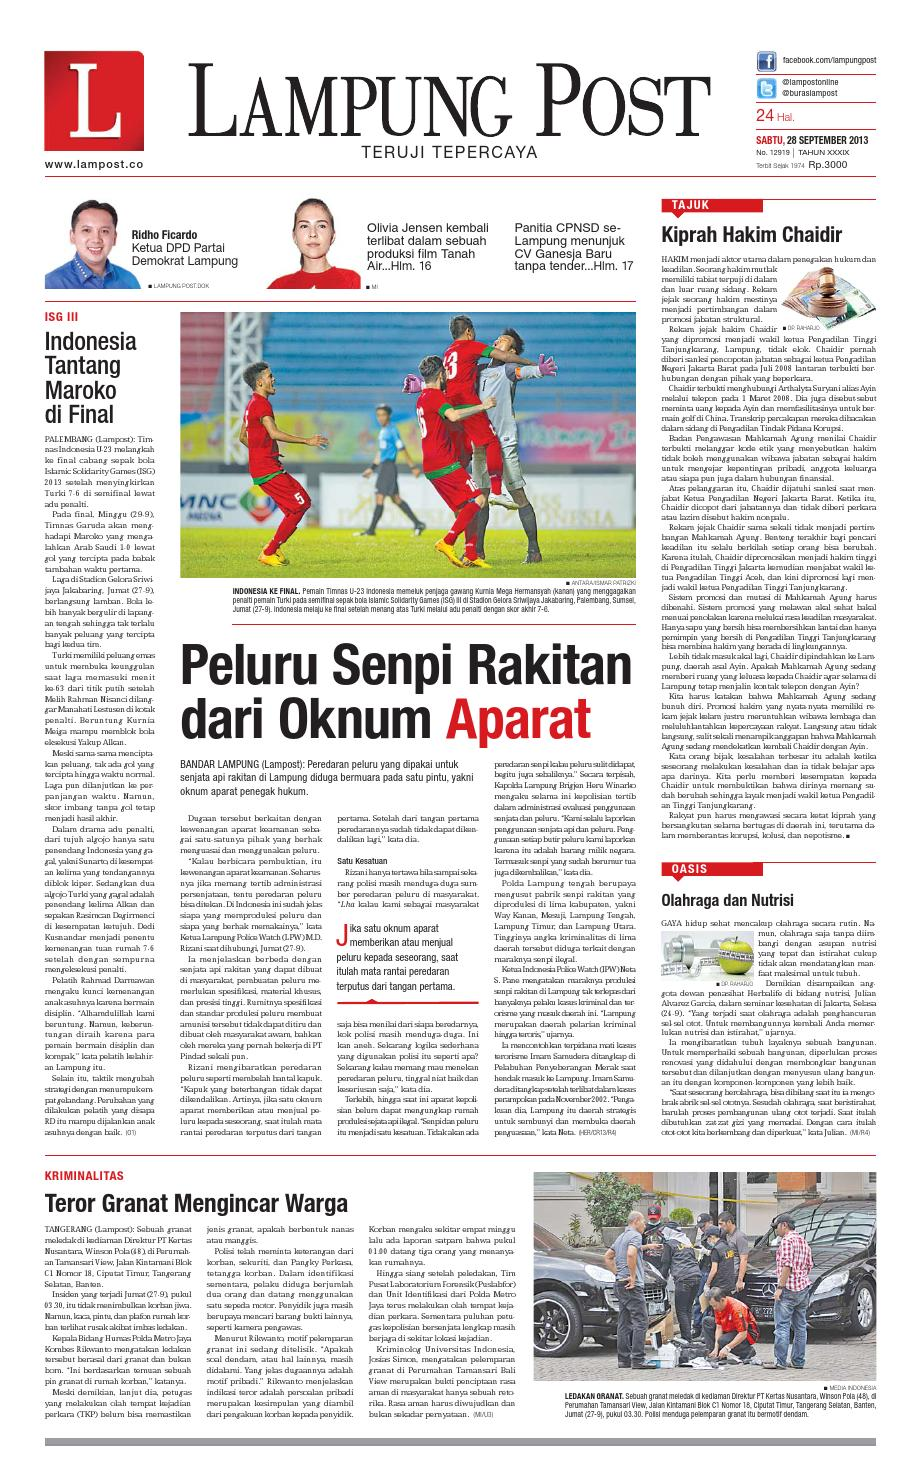 Lampung Post Sabtu 28 September 2013 By Issuu Produk Ukm Bumn Wisata Mewah Bali 3hr 2mlm